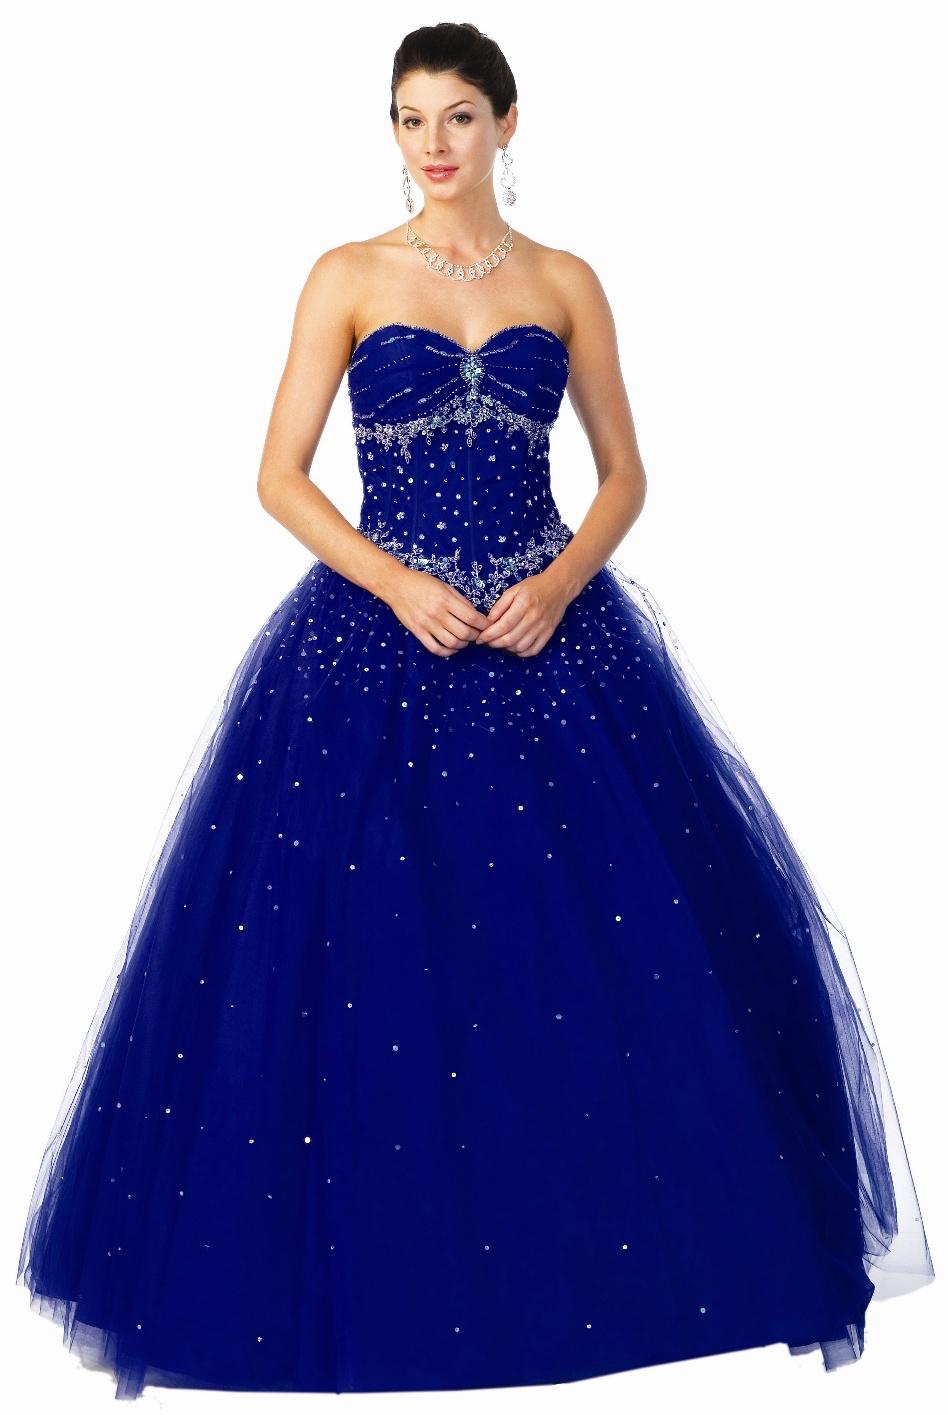 Robes de princesses - Image de princesse ...